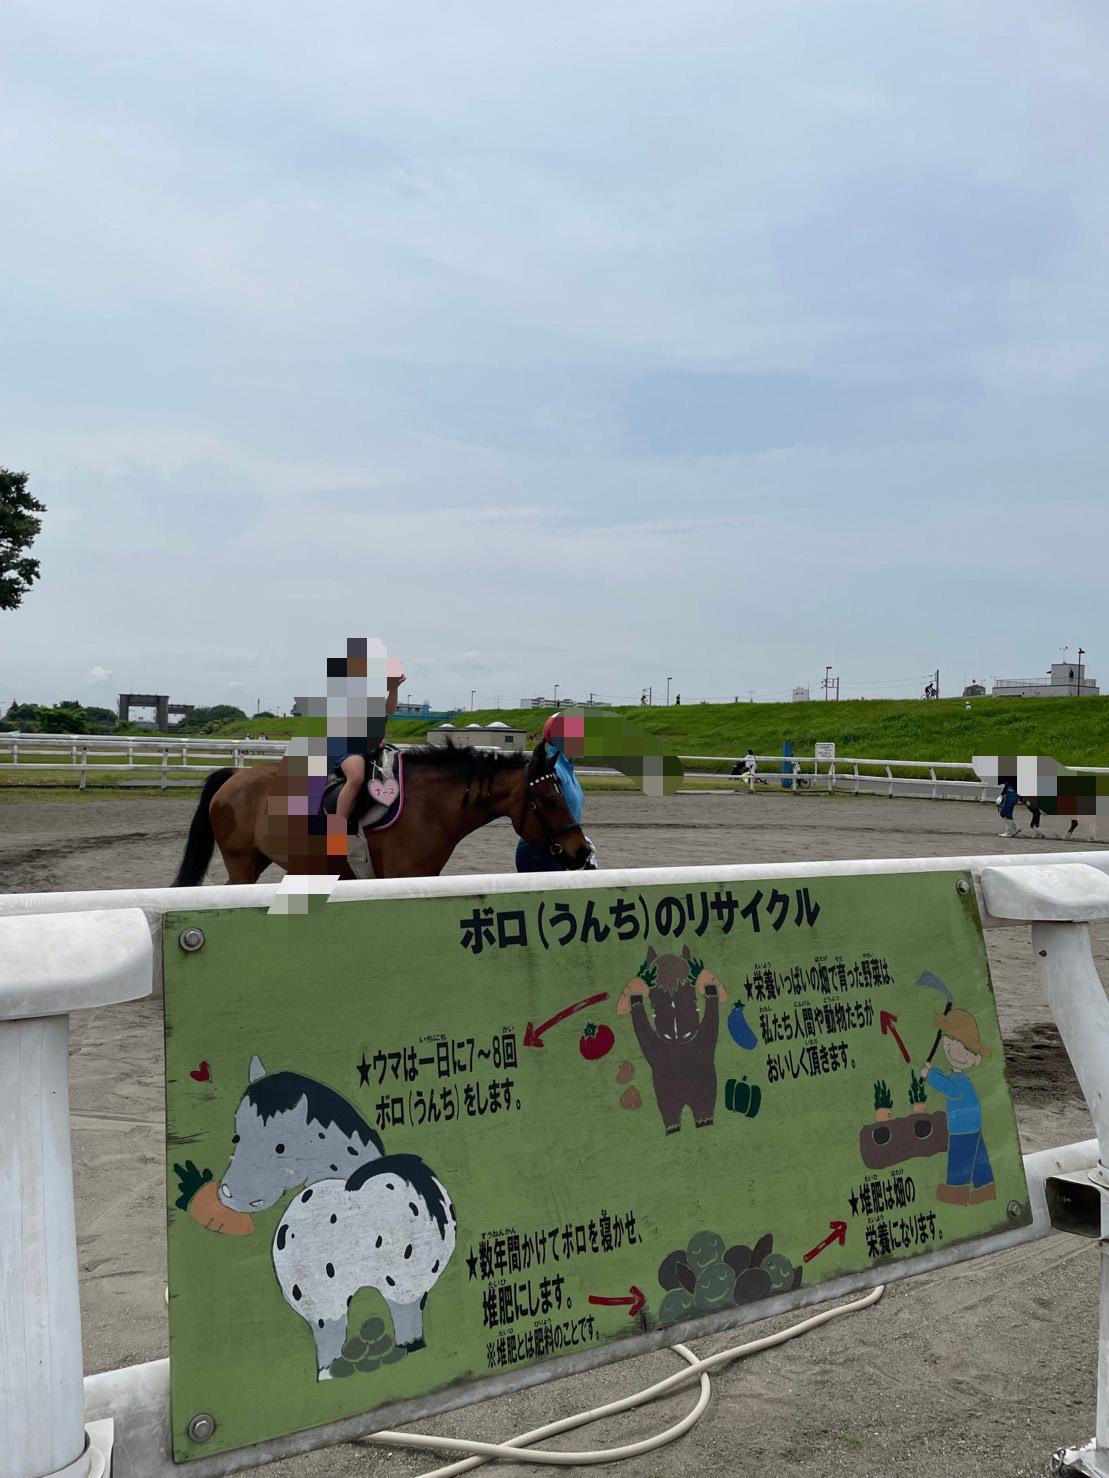 ポニーに乗馬している子どもの写真2